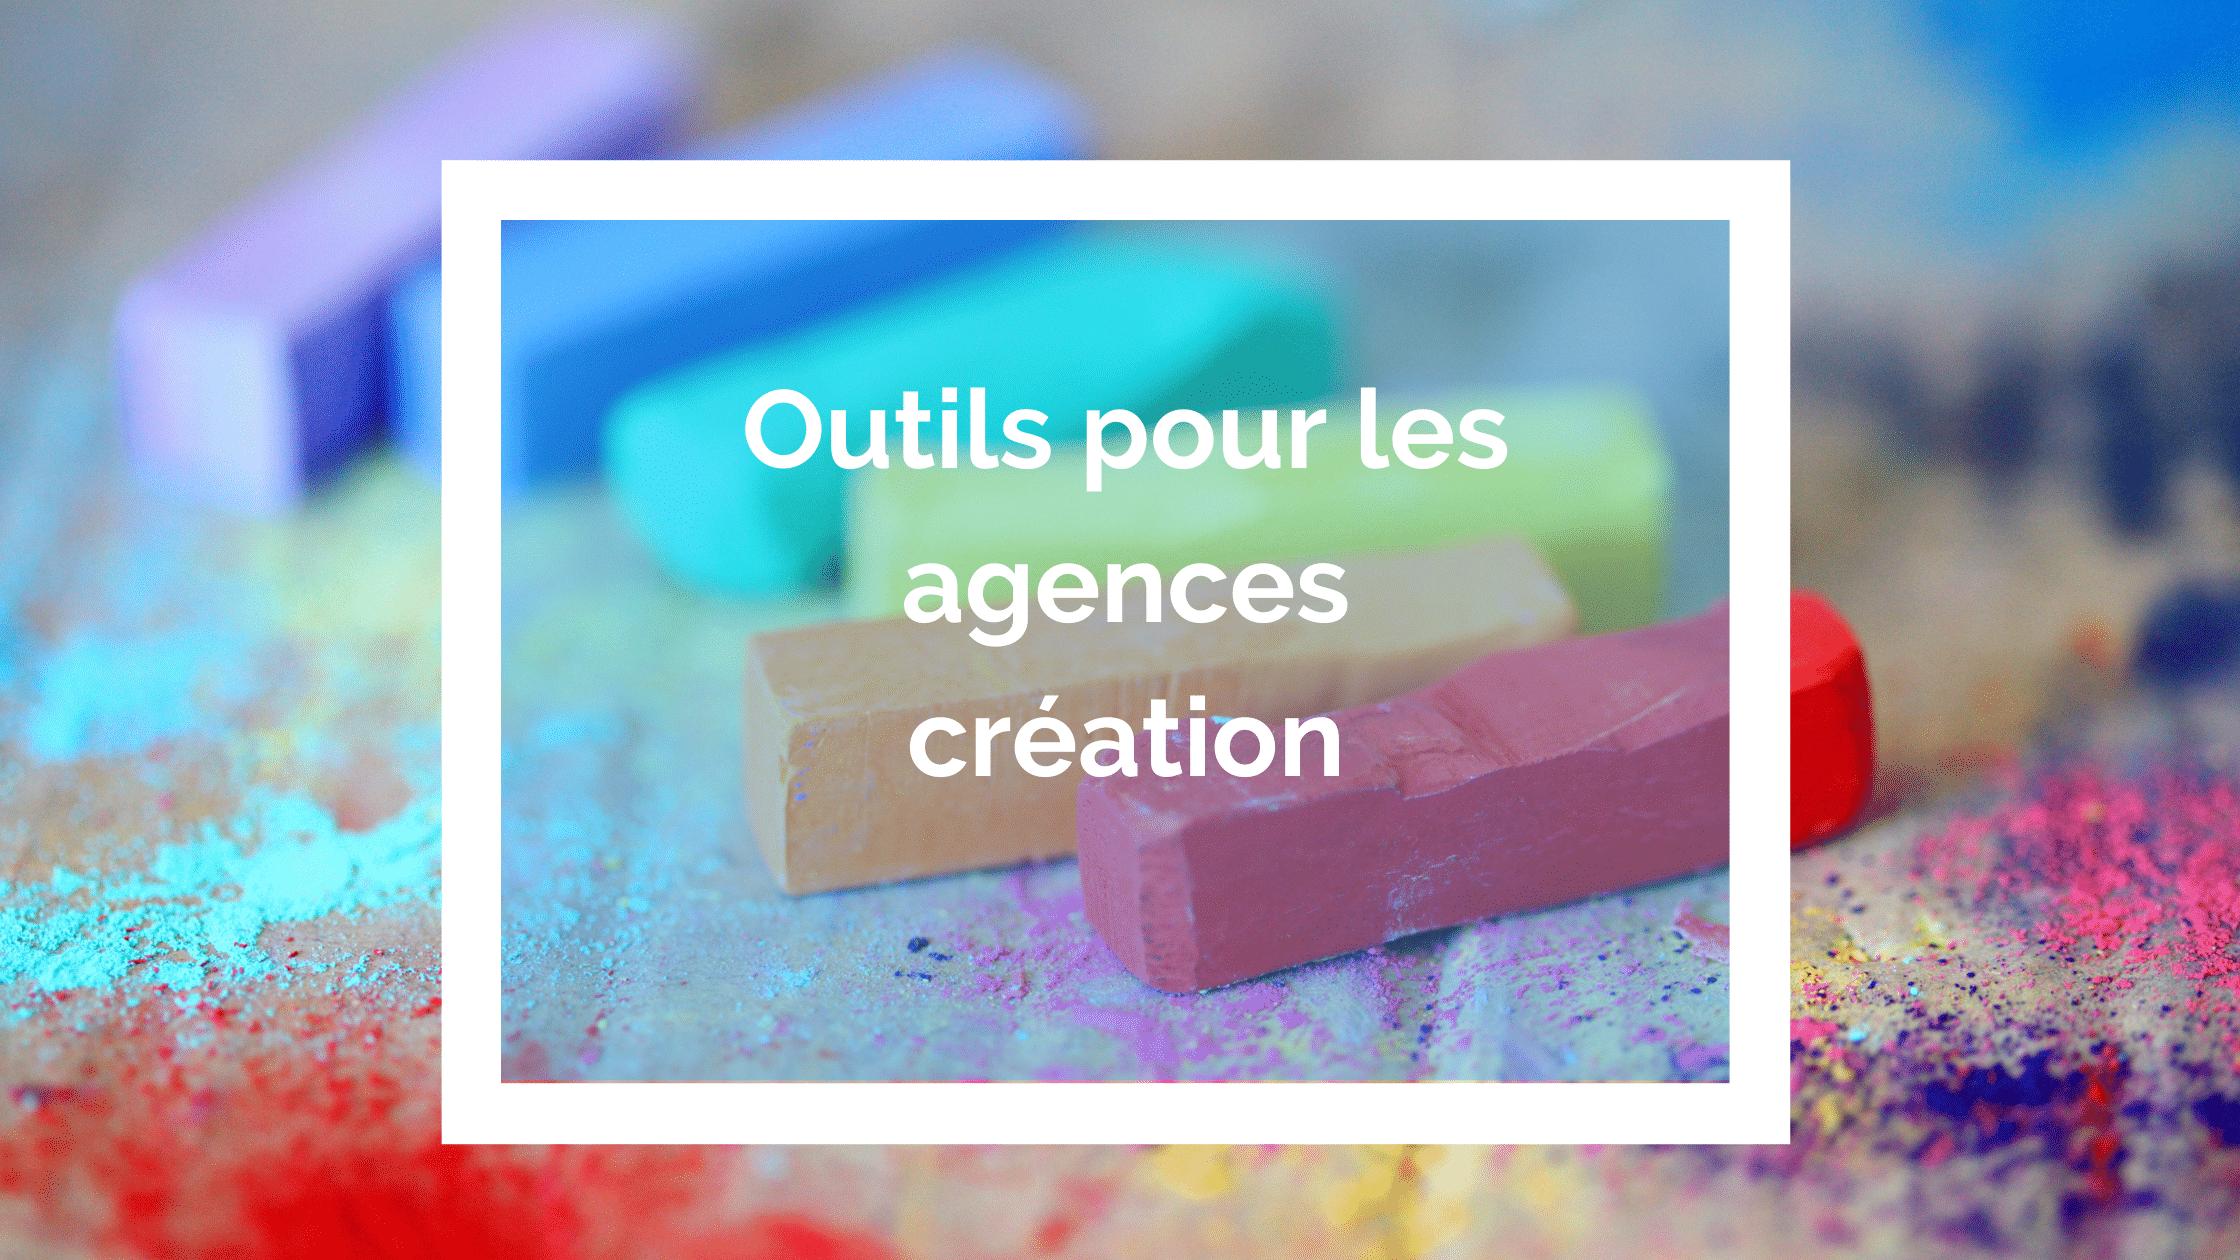 outil pour les agences creation